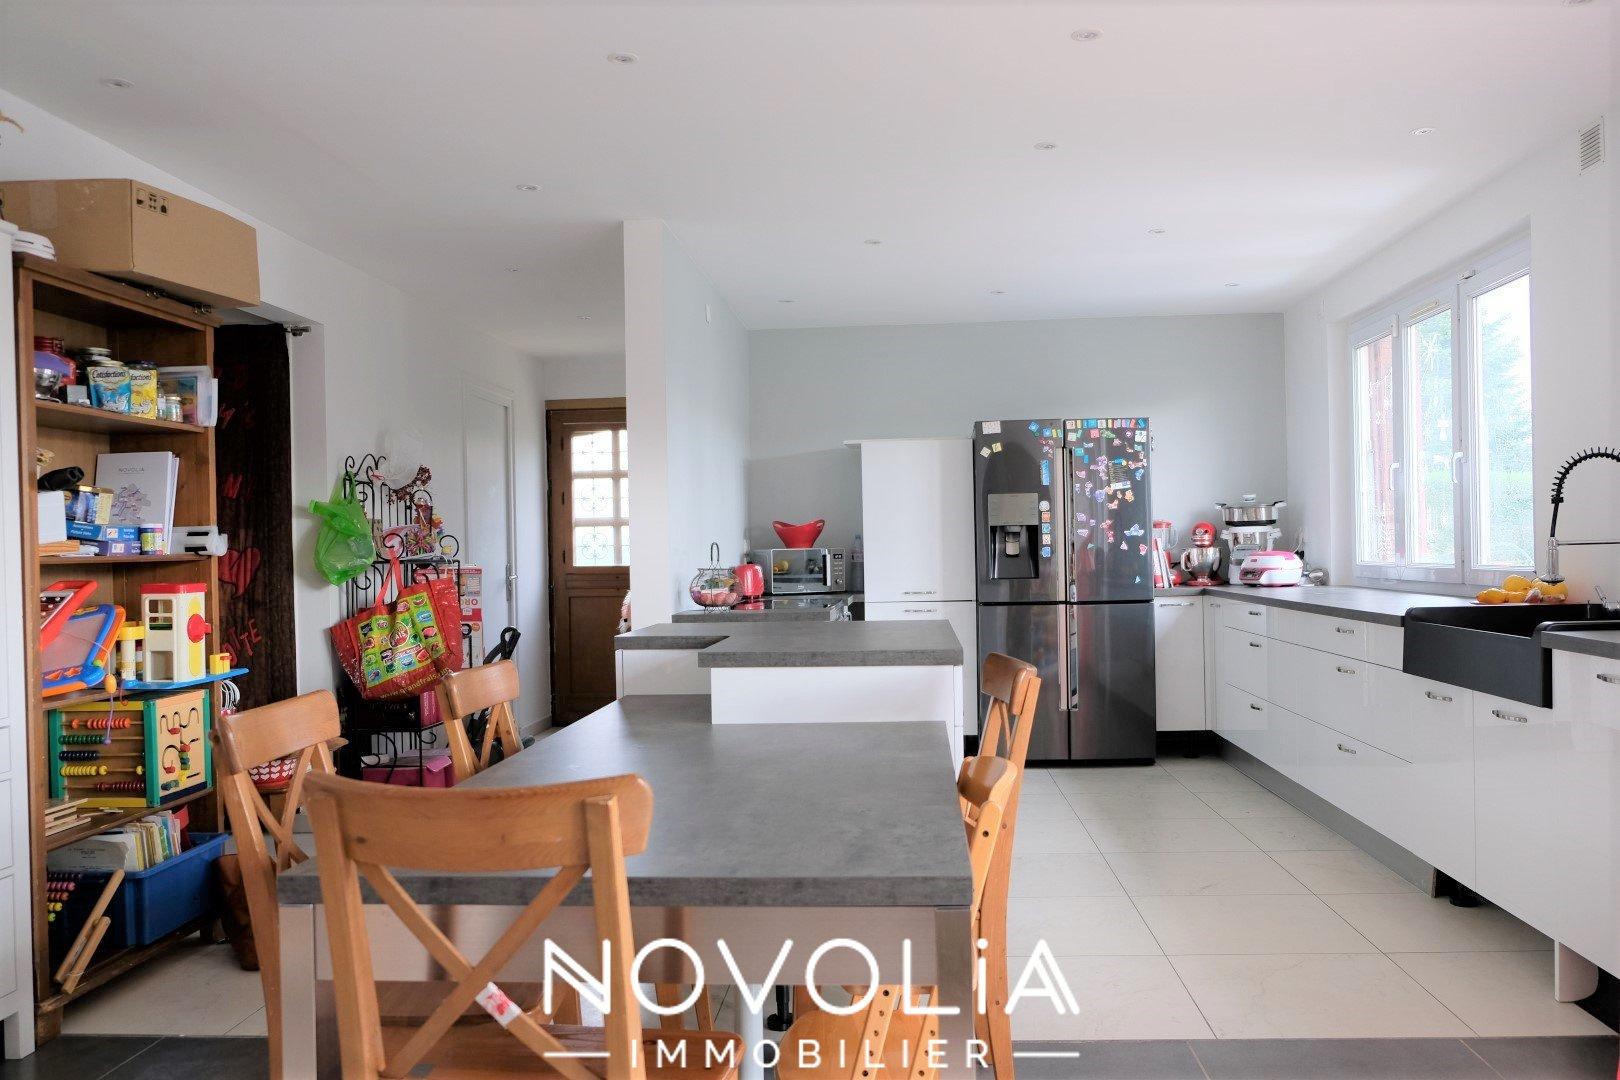 Achat Maison, Surface de 246 m², 6 pièces, Rillieux-la-Pape (69140)